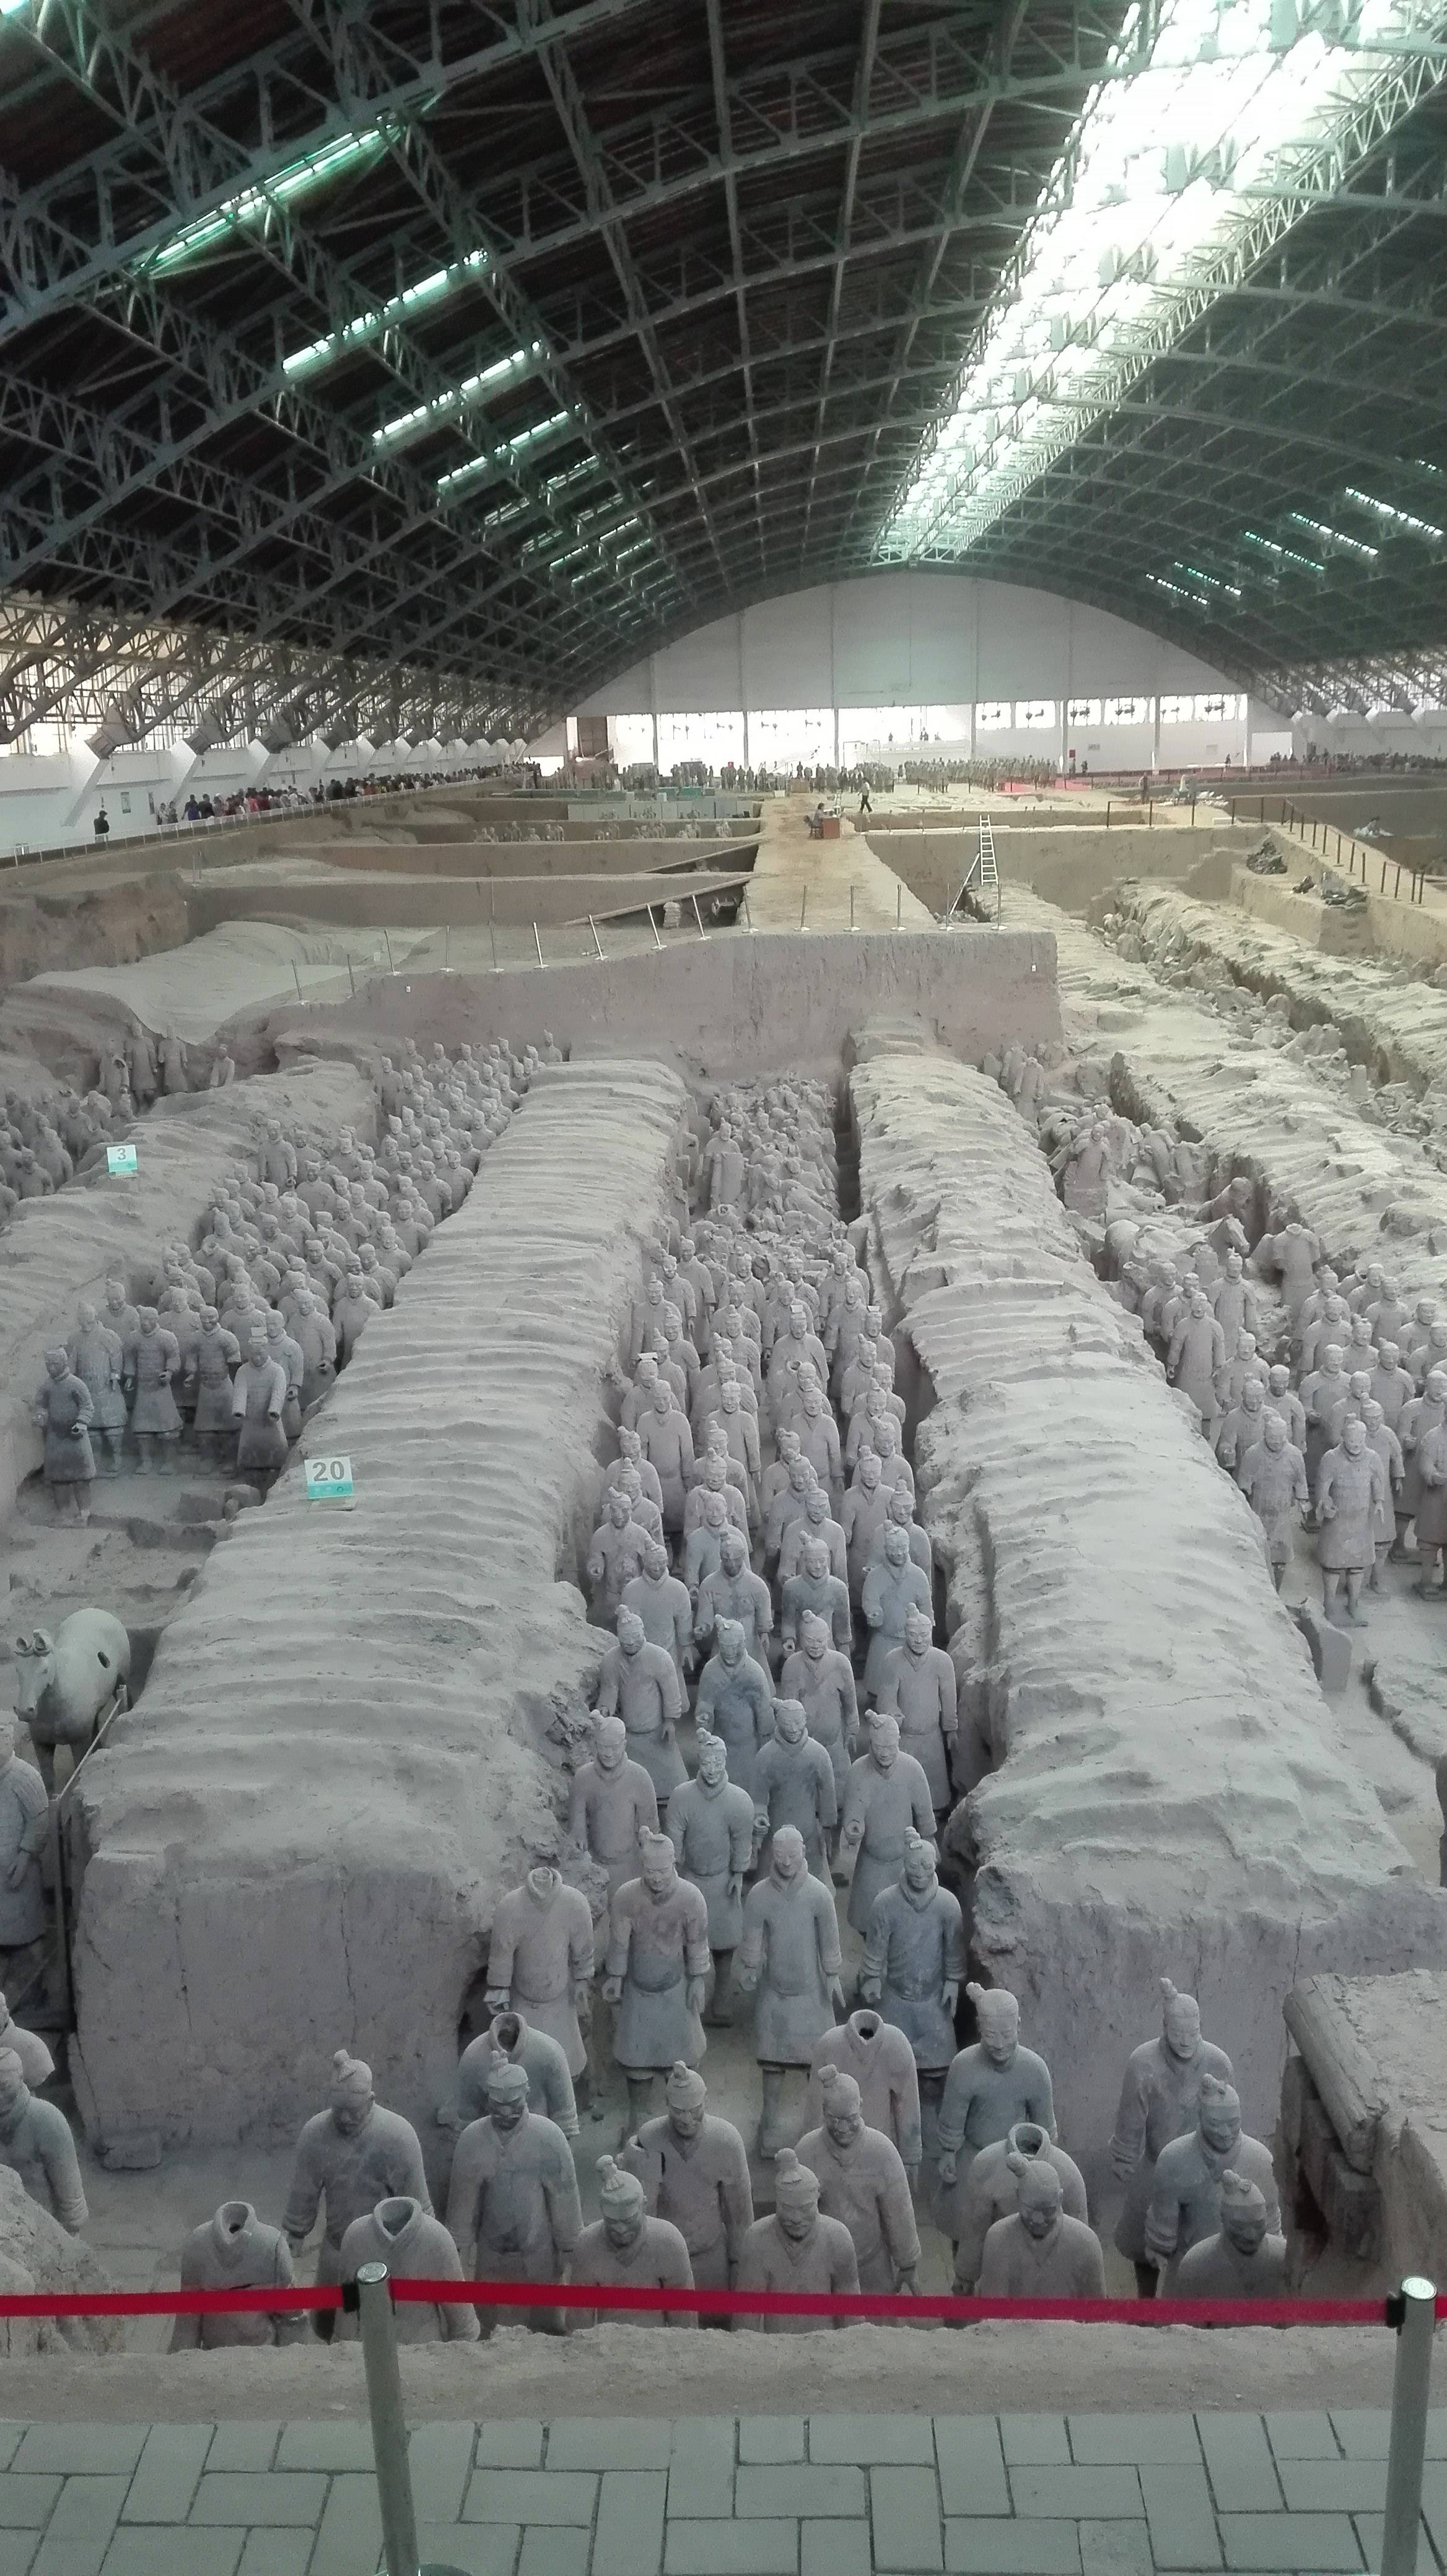 Photo 1: L'Armée de terre cuite à Xi'An, Chine. Un rêve réalisé...